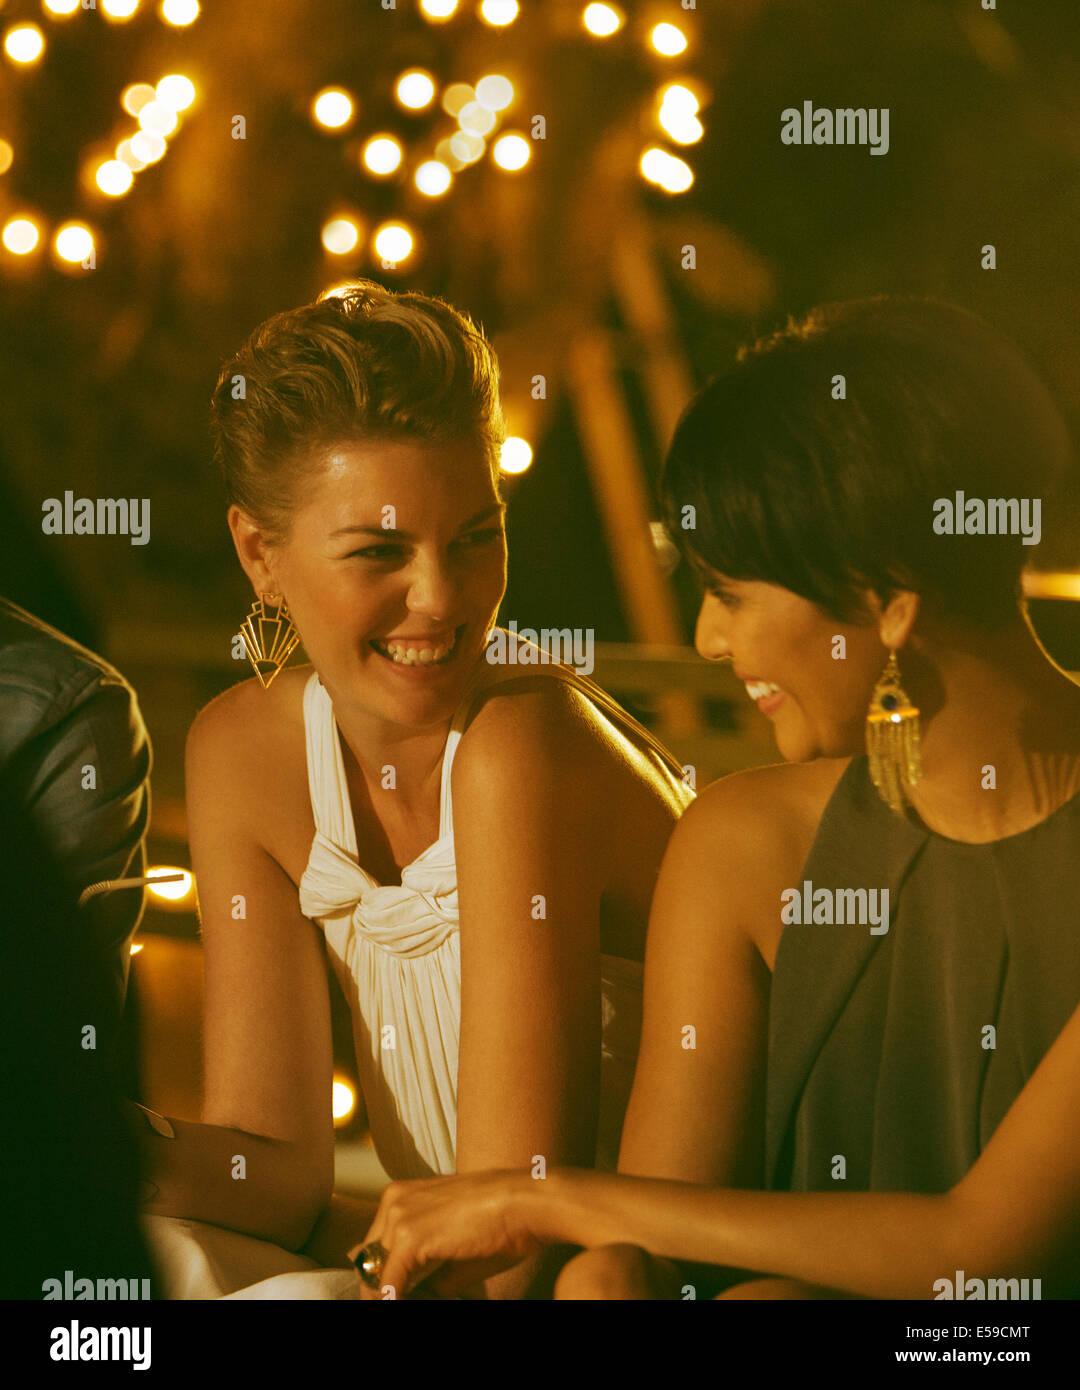 Frauen lachen auf party Stockbild